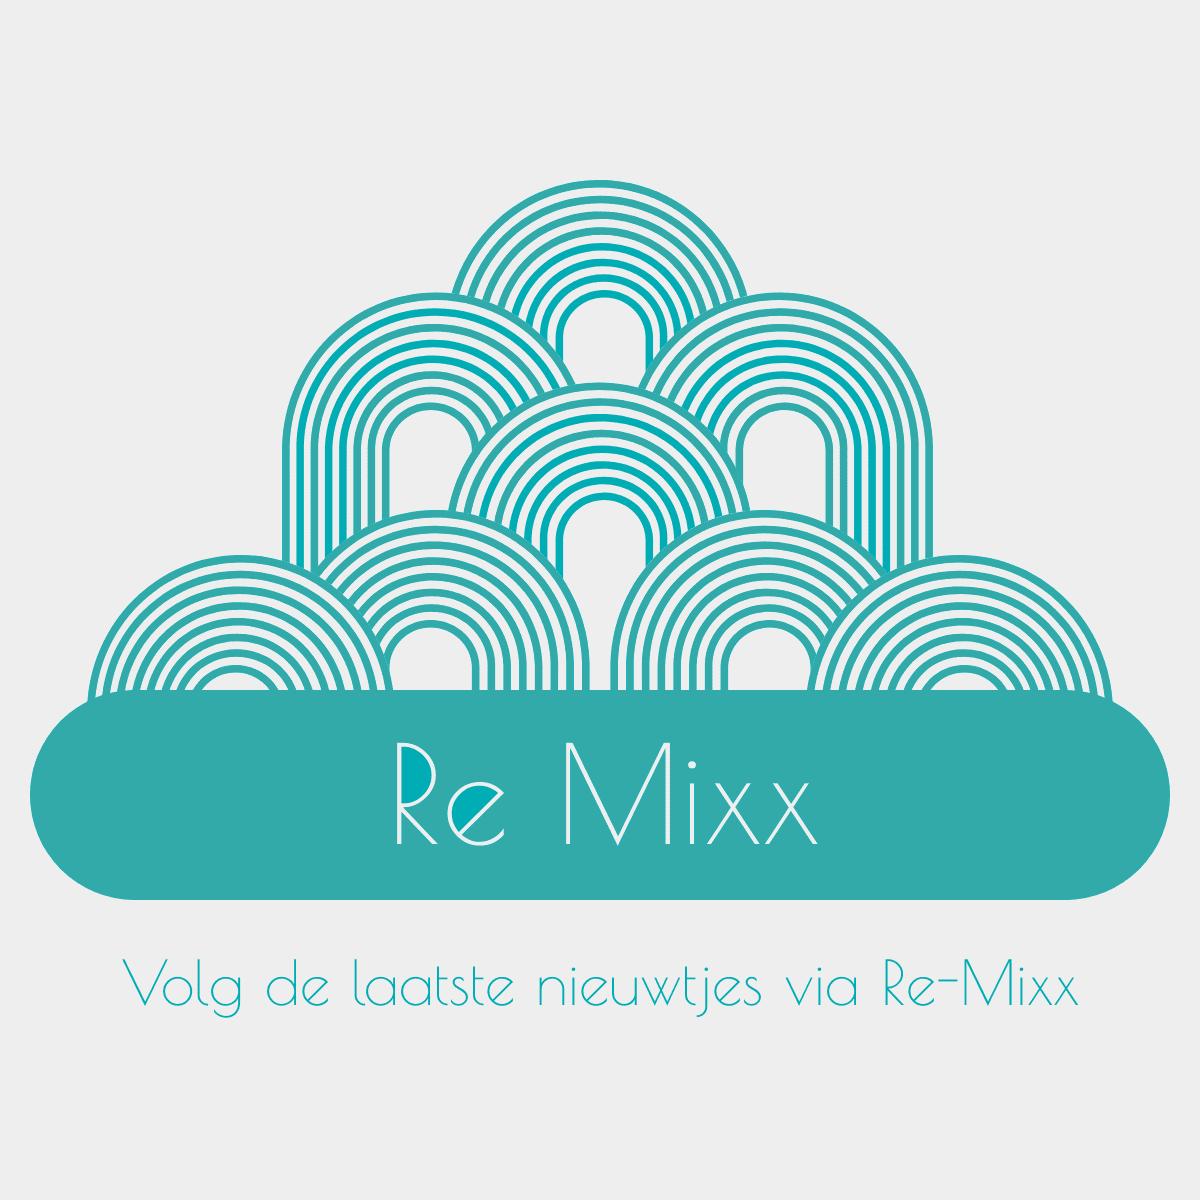 Re-mixx